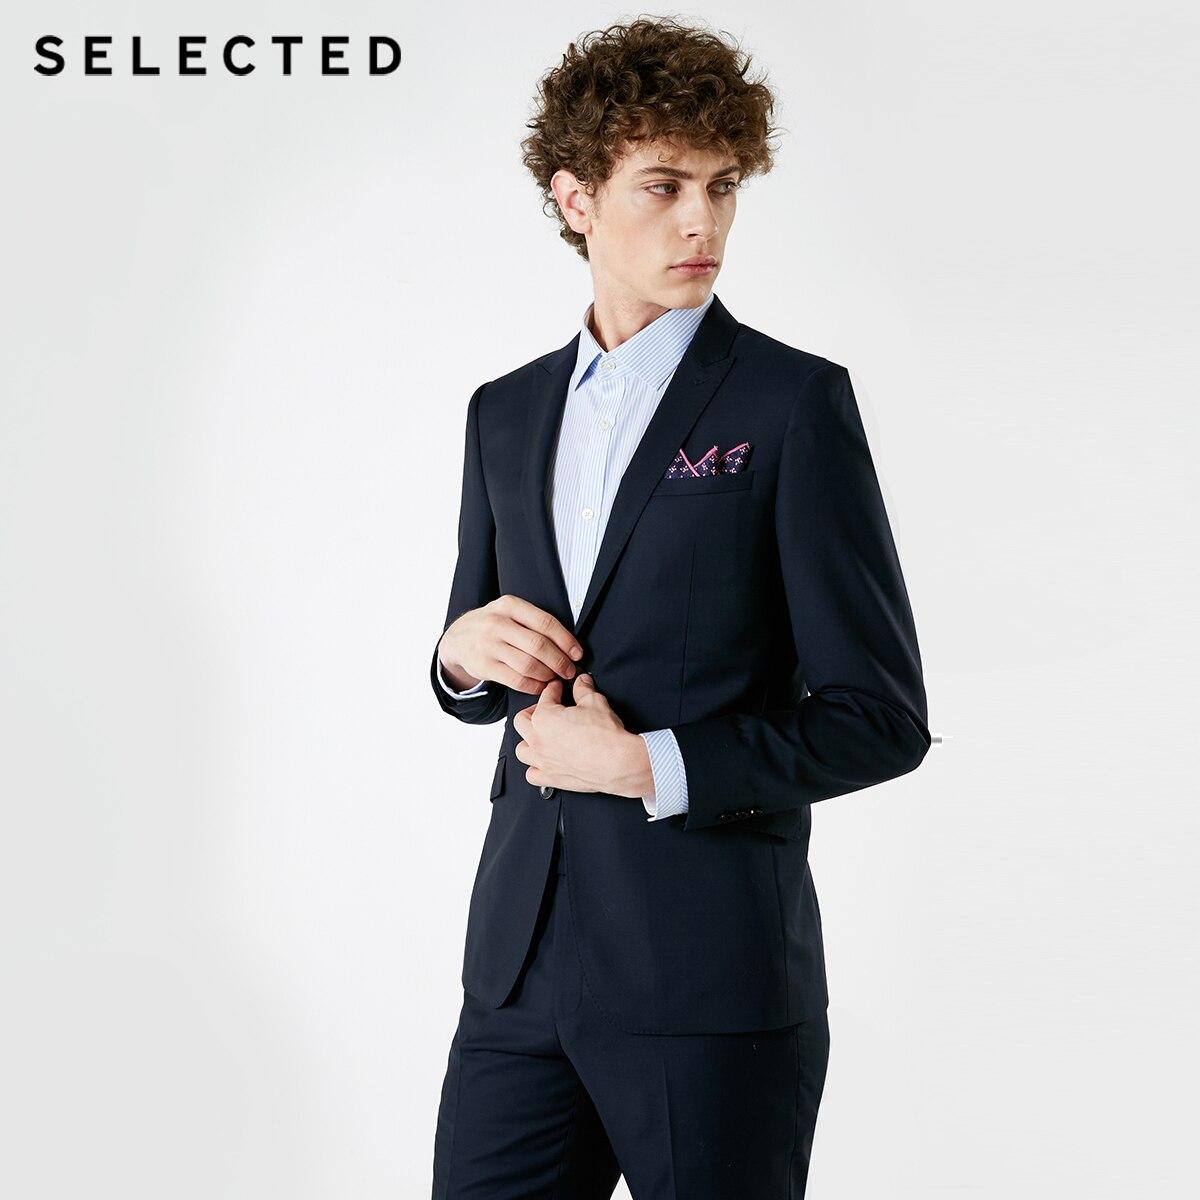 모직 칼라 넥타이 칼라 비즈니스 정장 t를 포함한 남성 겨울 신제품 선택  41845z503-에서정장 재킷부터 남성 의류 의  그룹 2